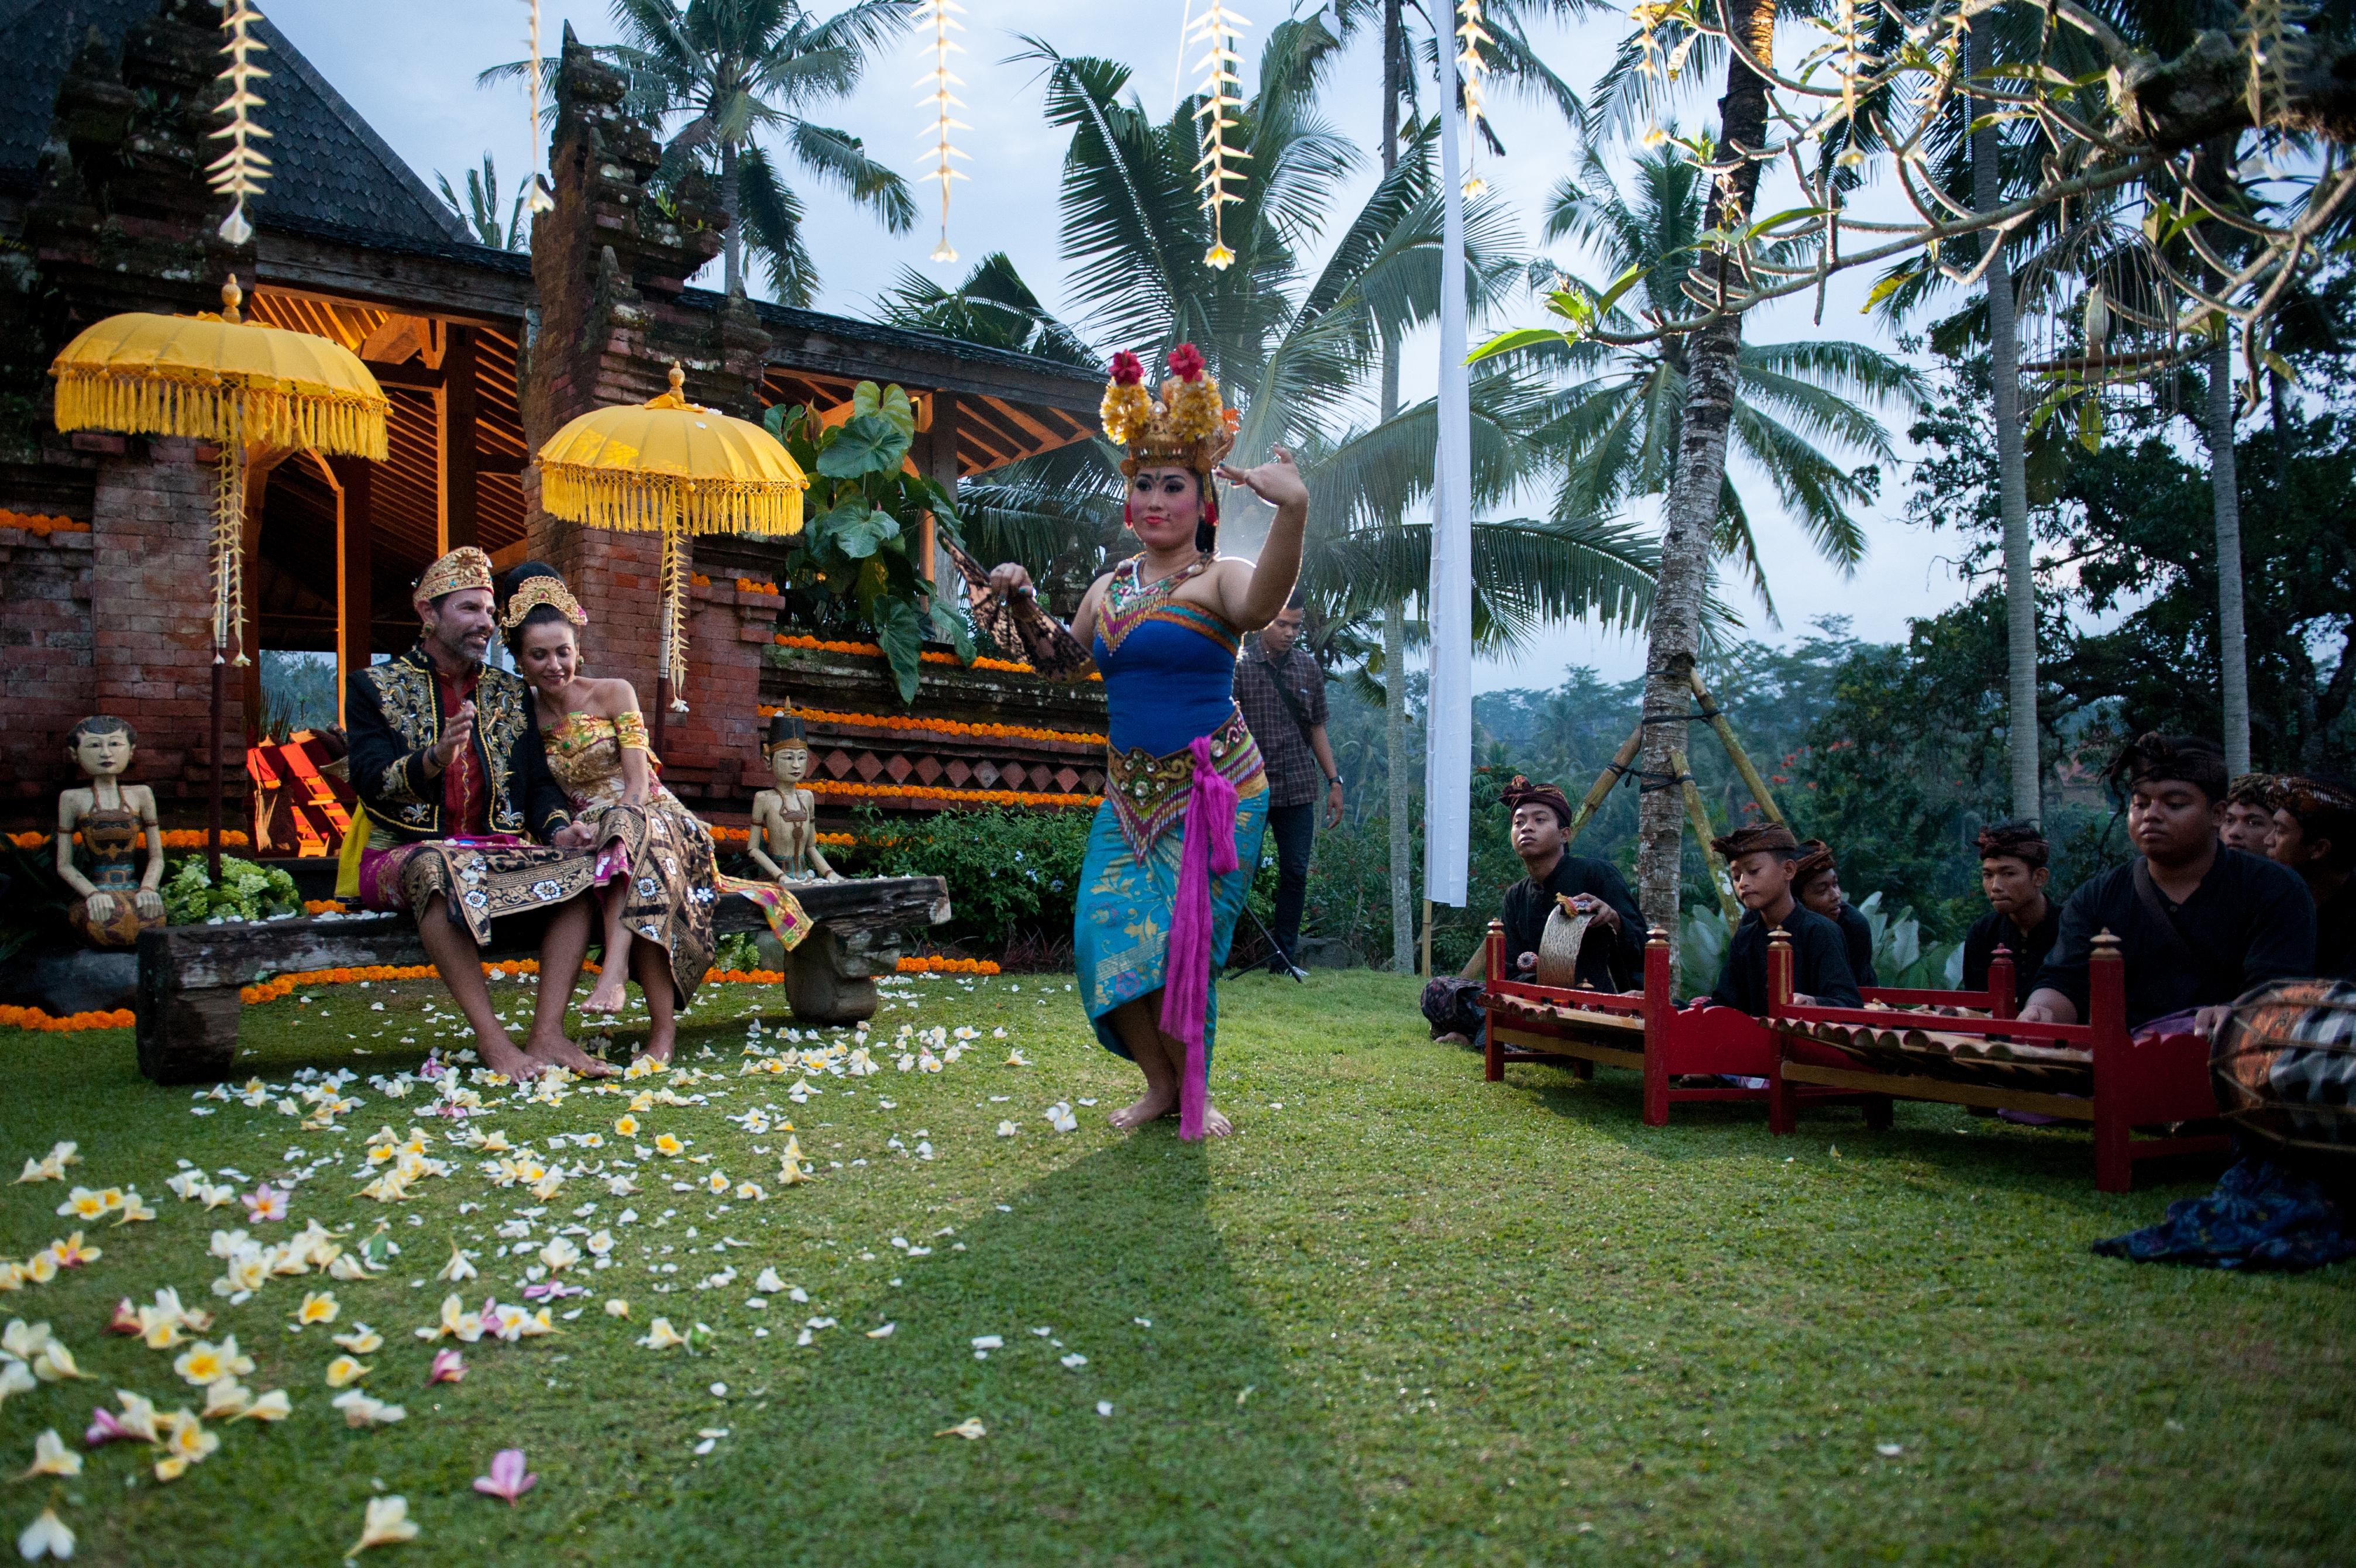 balinese style wedding in ubud